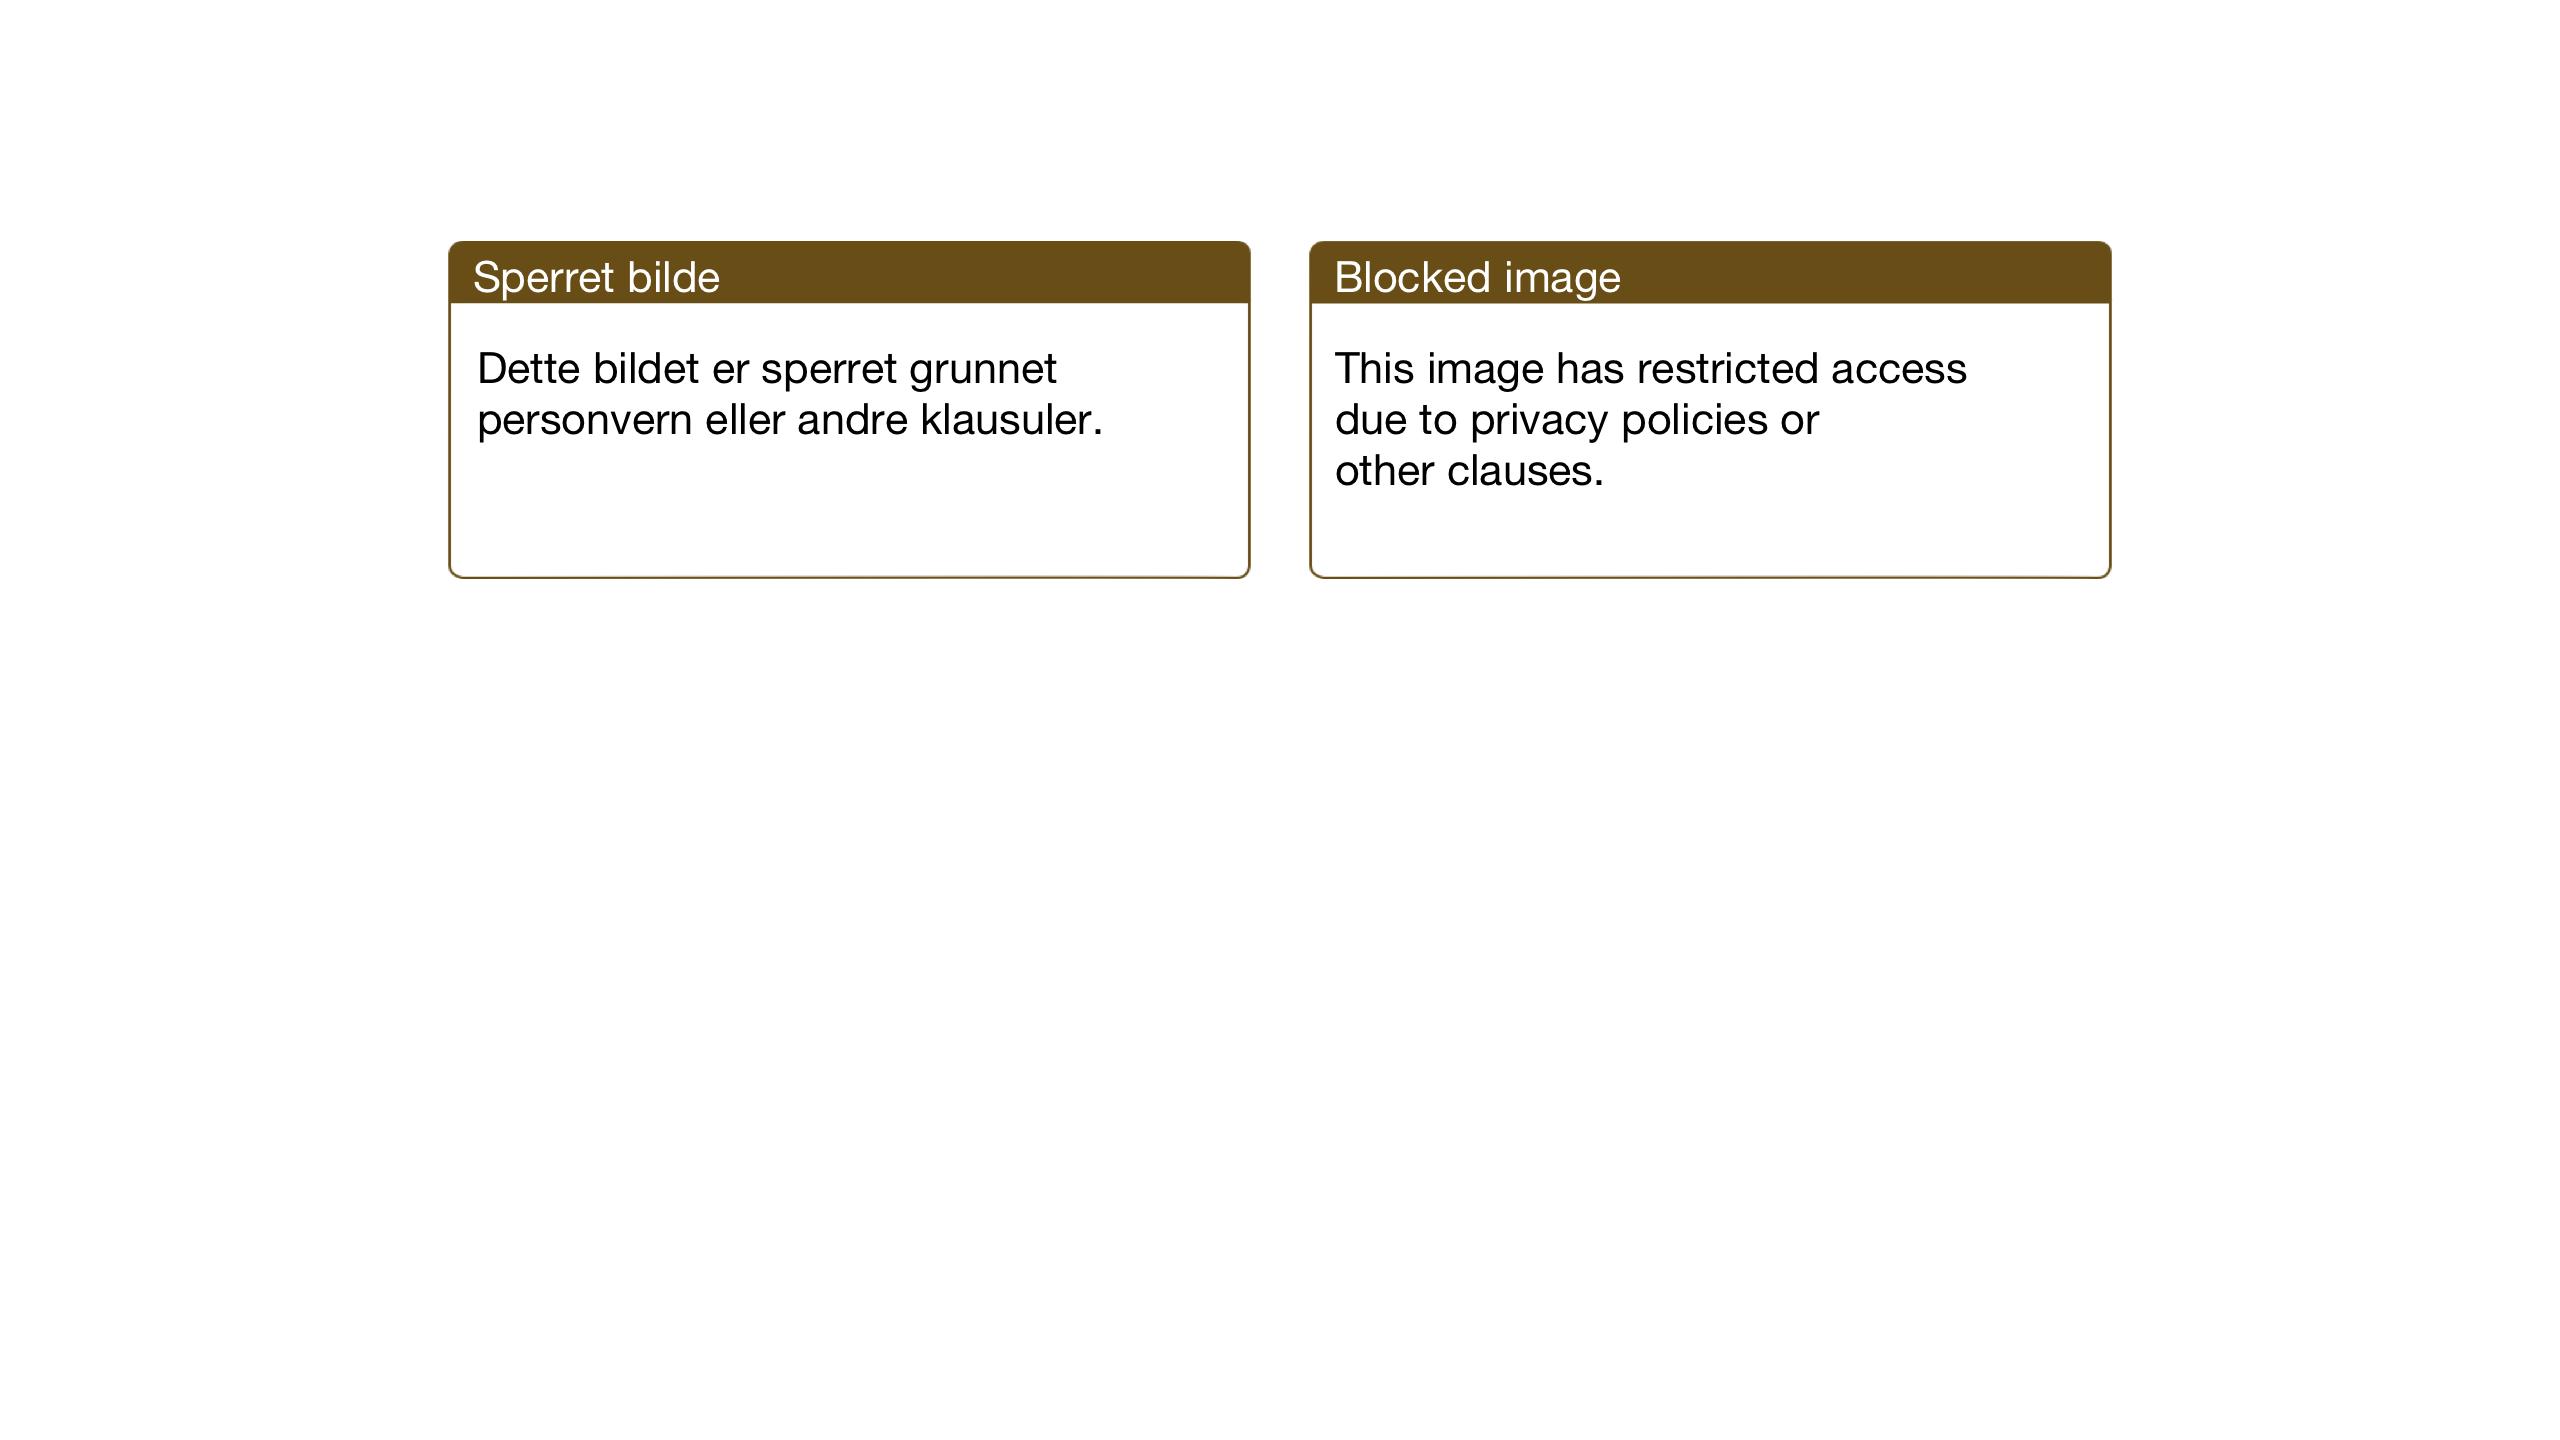 SAT, Ministerialprotokoller, klokkerbøker og fødselsregistre - Nord-Trøndelag, 710/L0097: Klokkerbok nr. 710C02, 1925-1955, s. 104